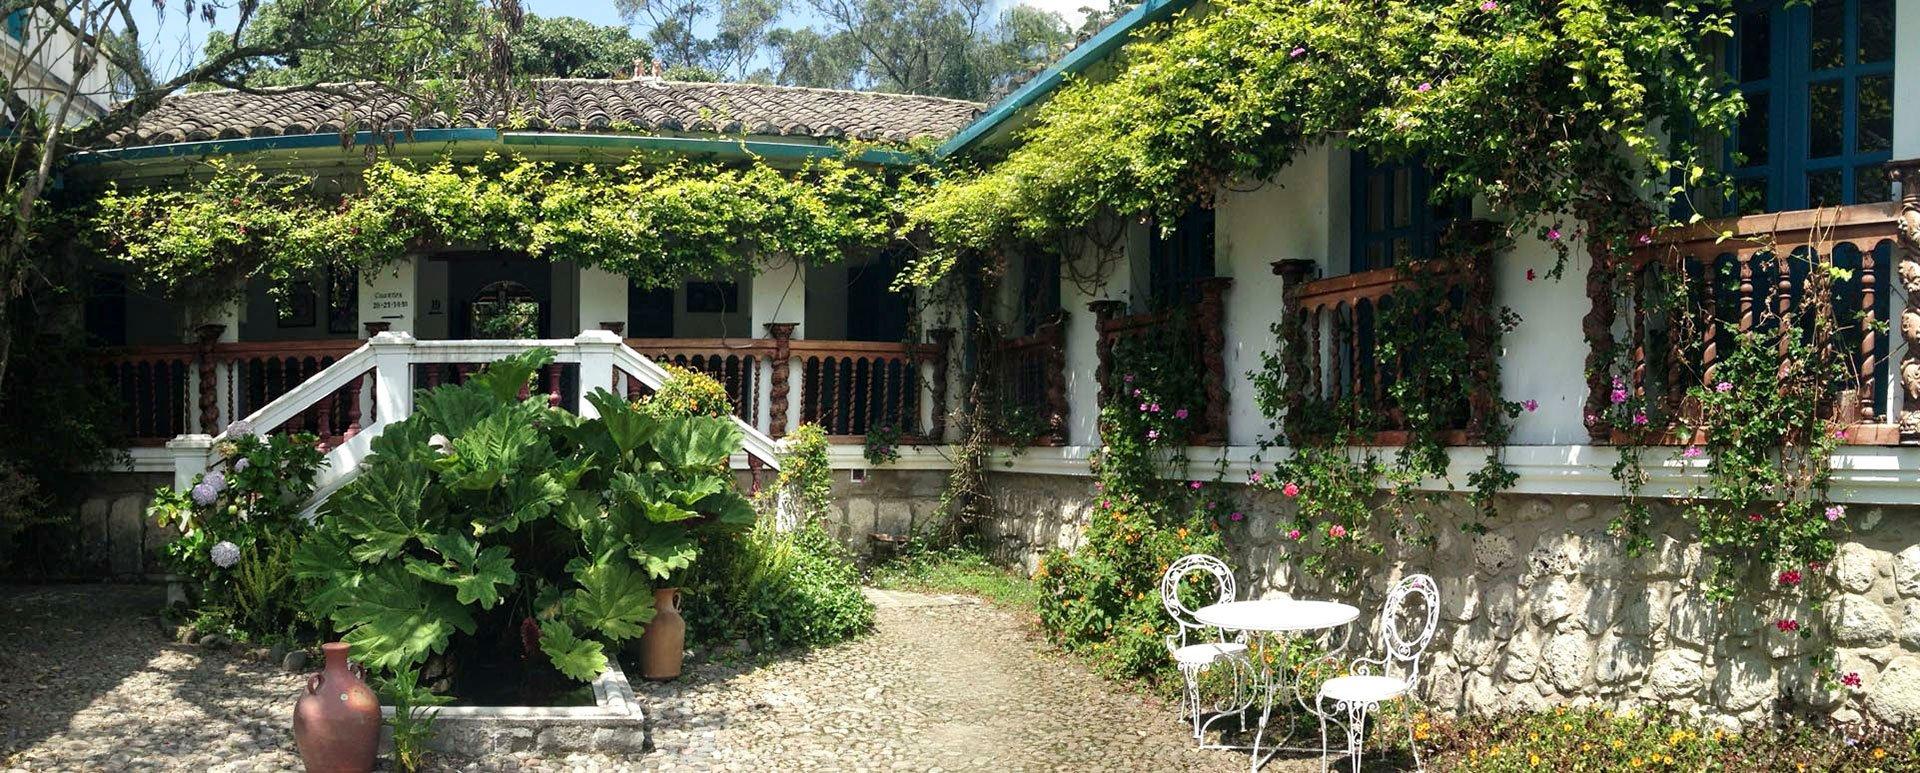 Hacienda Cusin Patio